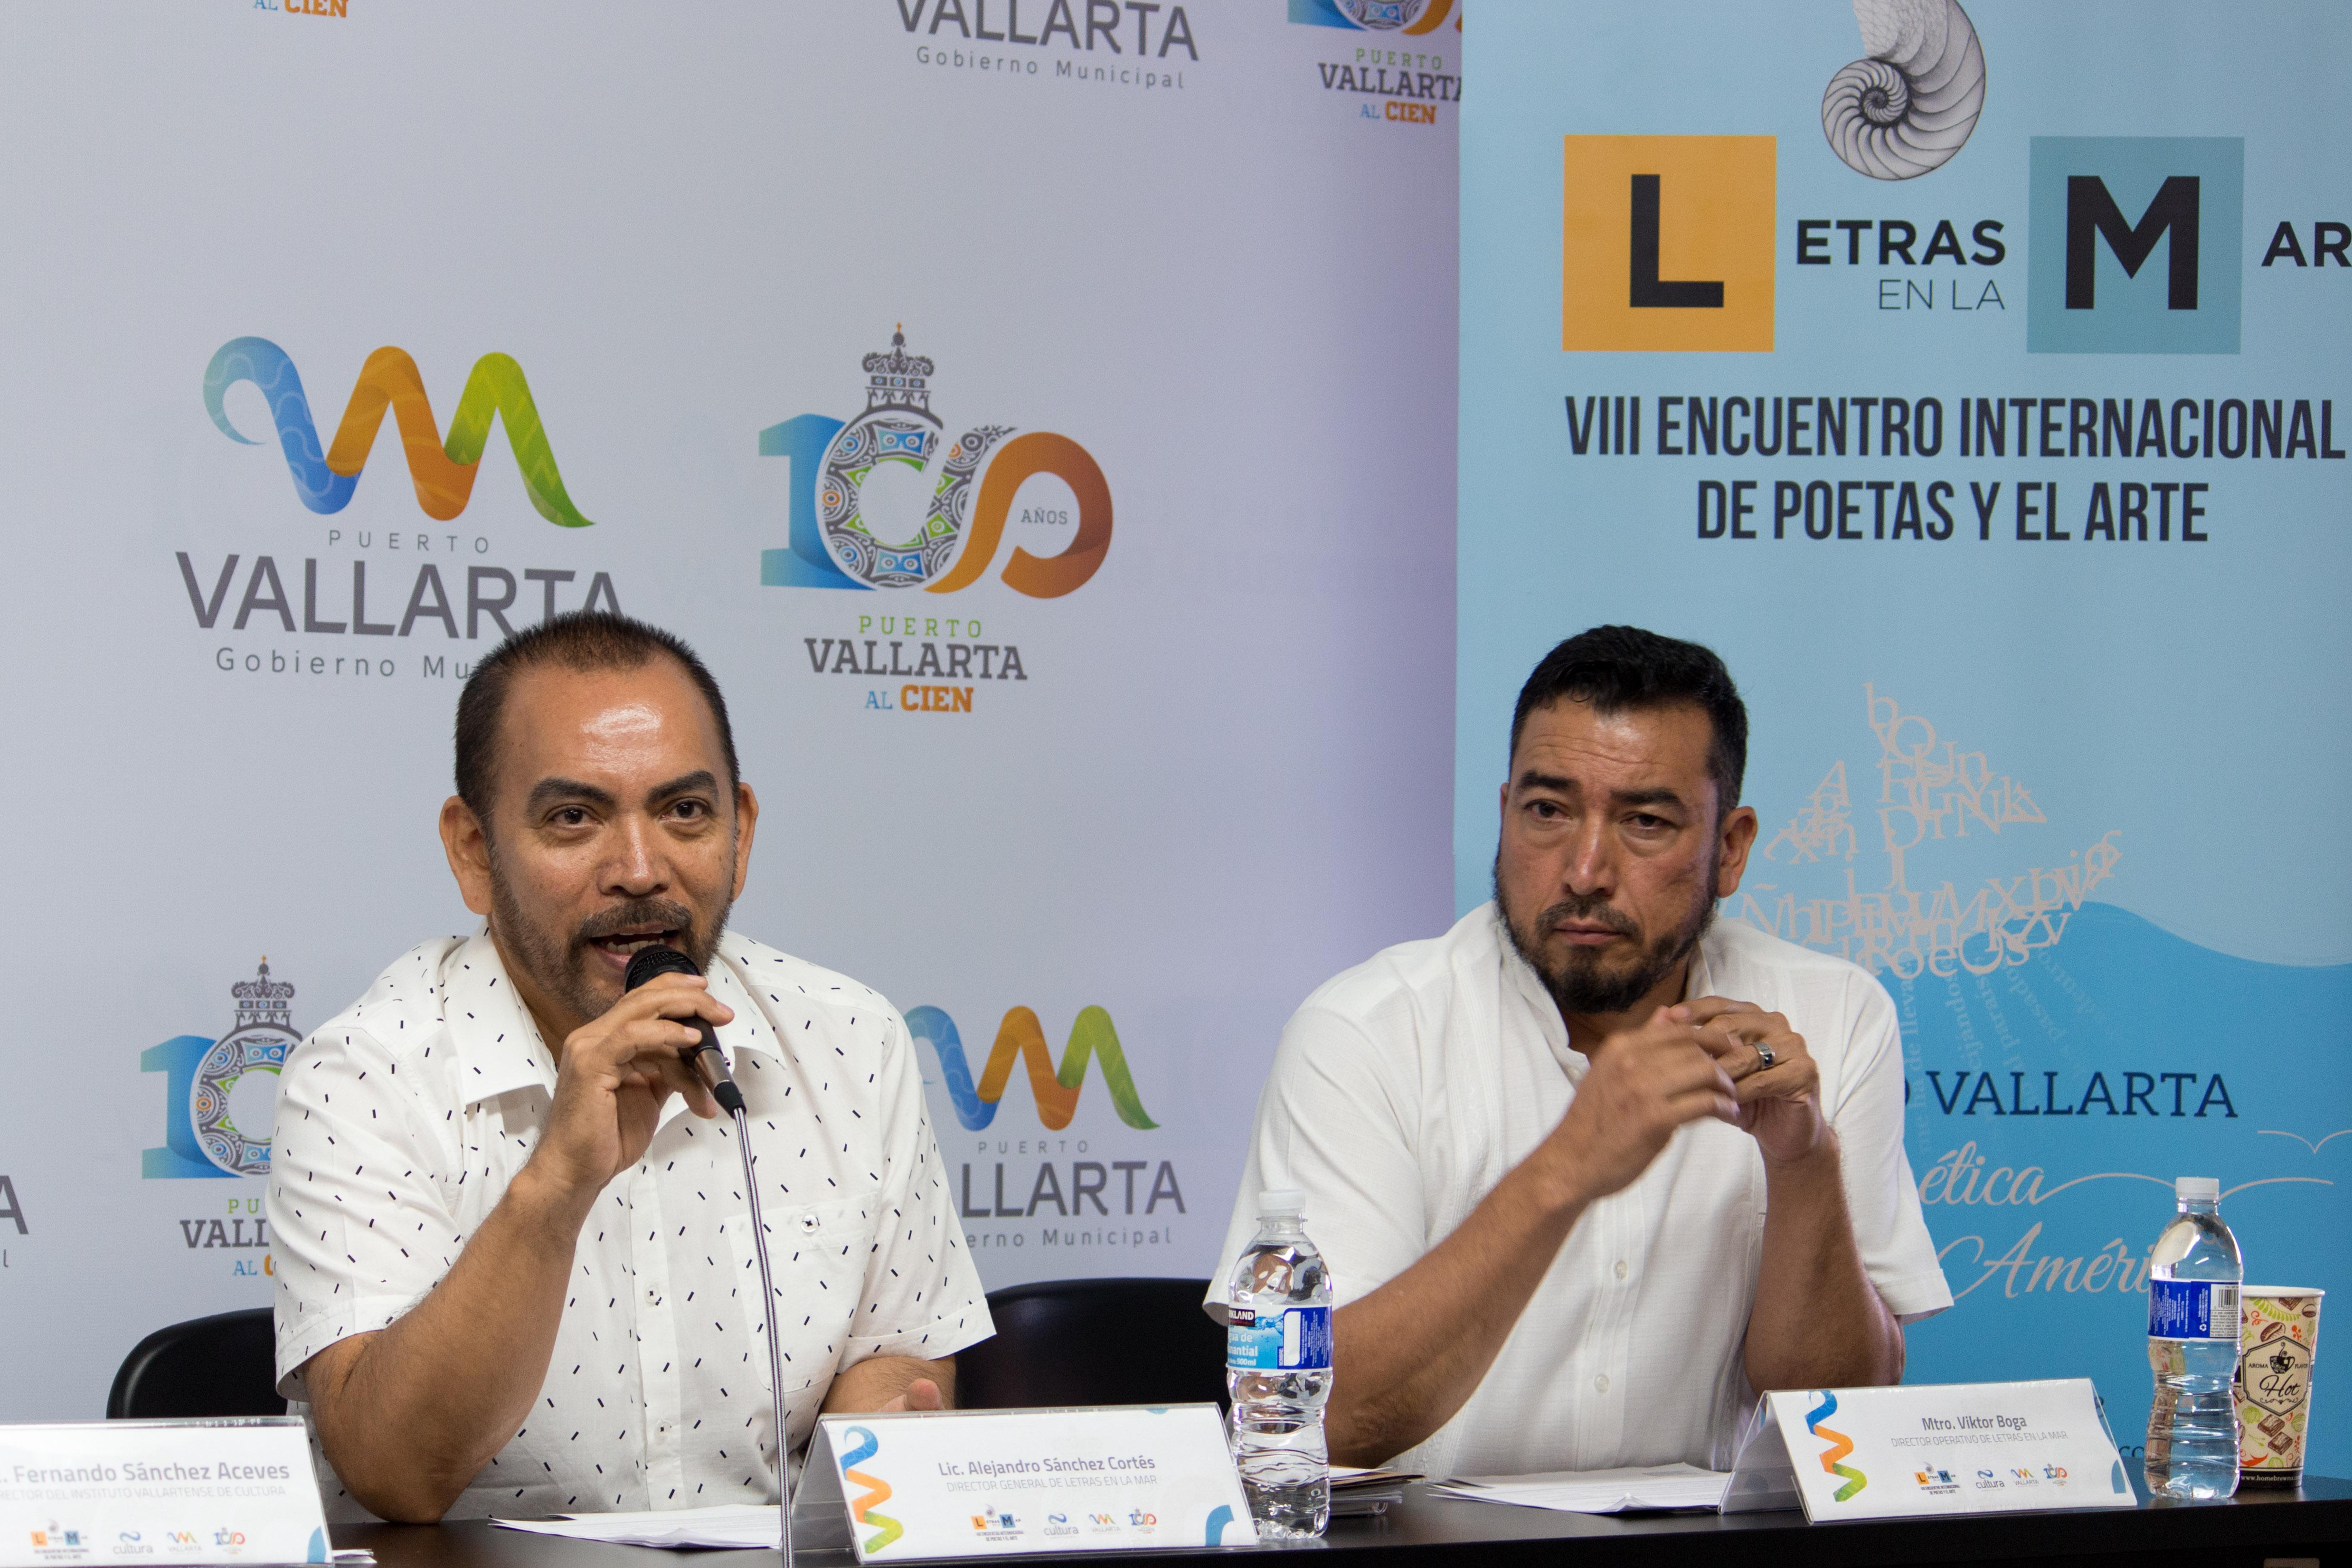 """""""Letras en la Mar"""" colabora en la preservación de la poesía como parte del legado del escritor Hugo Gutiérrez Vega"""